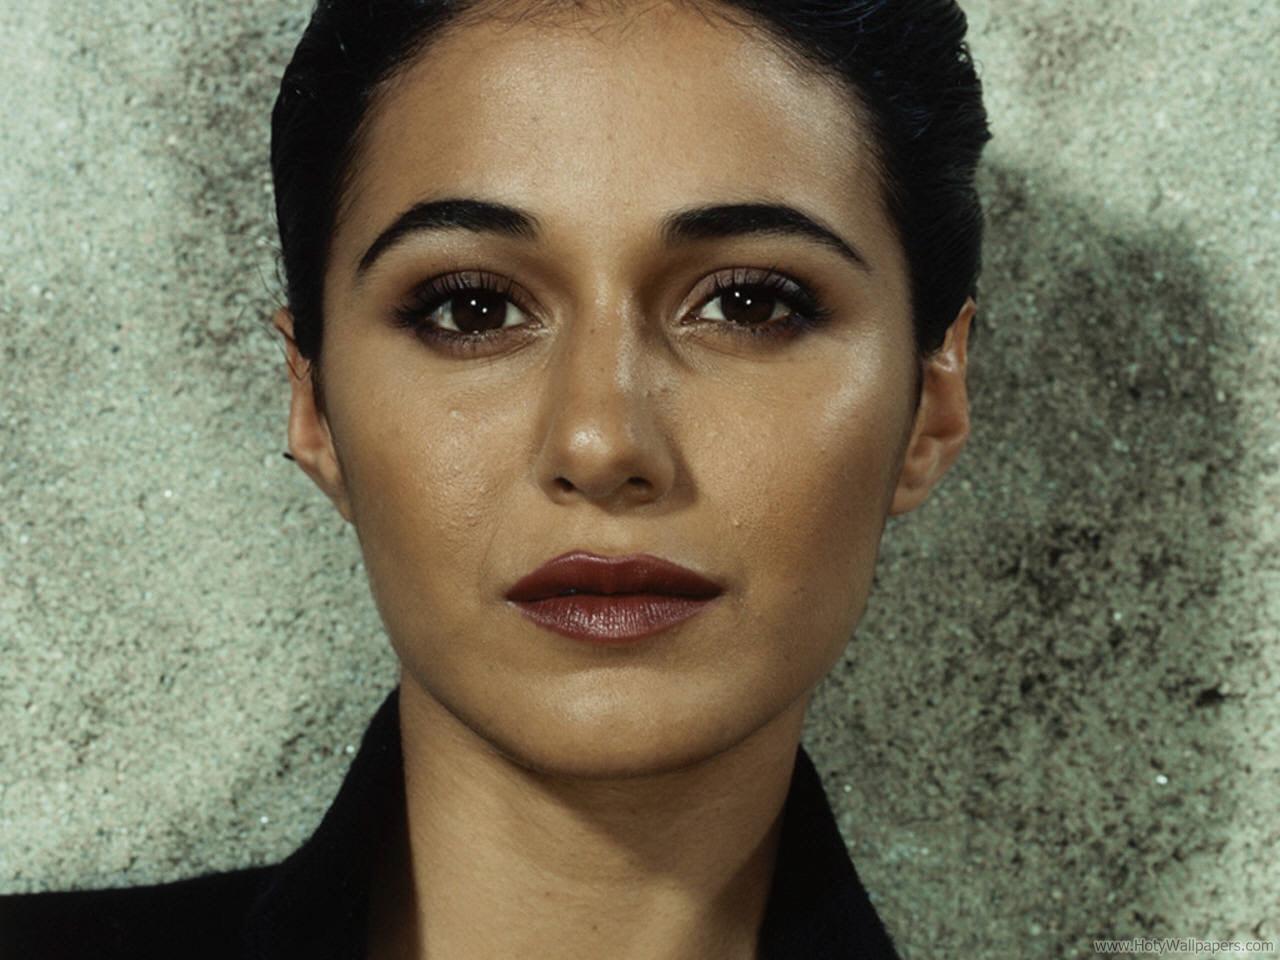 http://2.bp.blogspot.com/-oBzxa7KXilU/Tt95MqyqvoI/AAAAAAAACdU/5Wd6yCL7ZHU/s1600/emmanuelle_chriqui_actress_hd_wallpaper.jpg